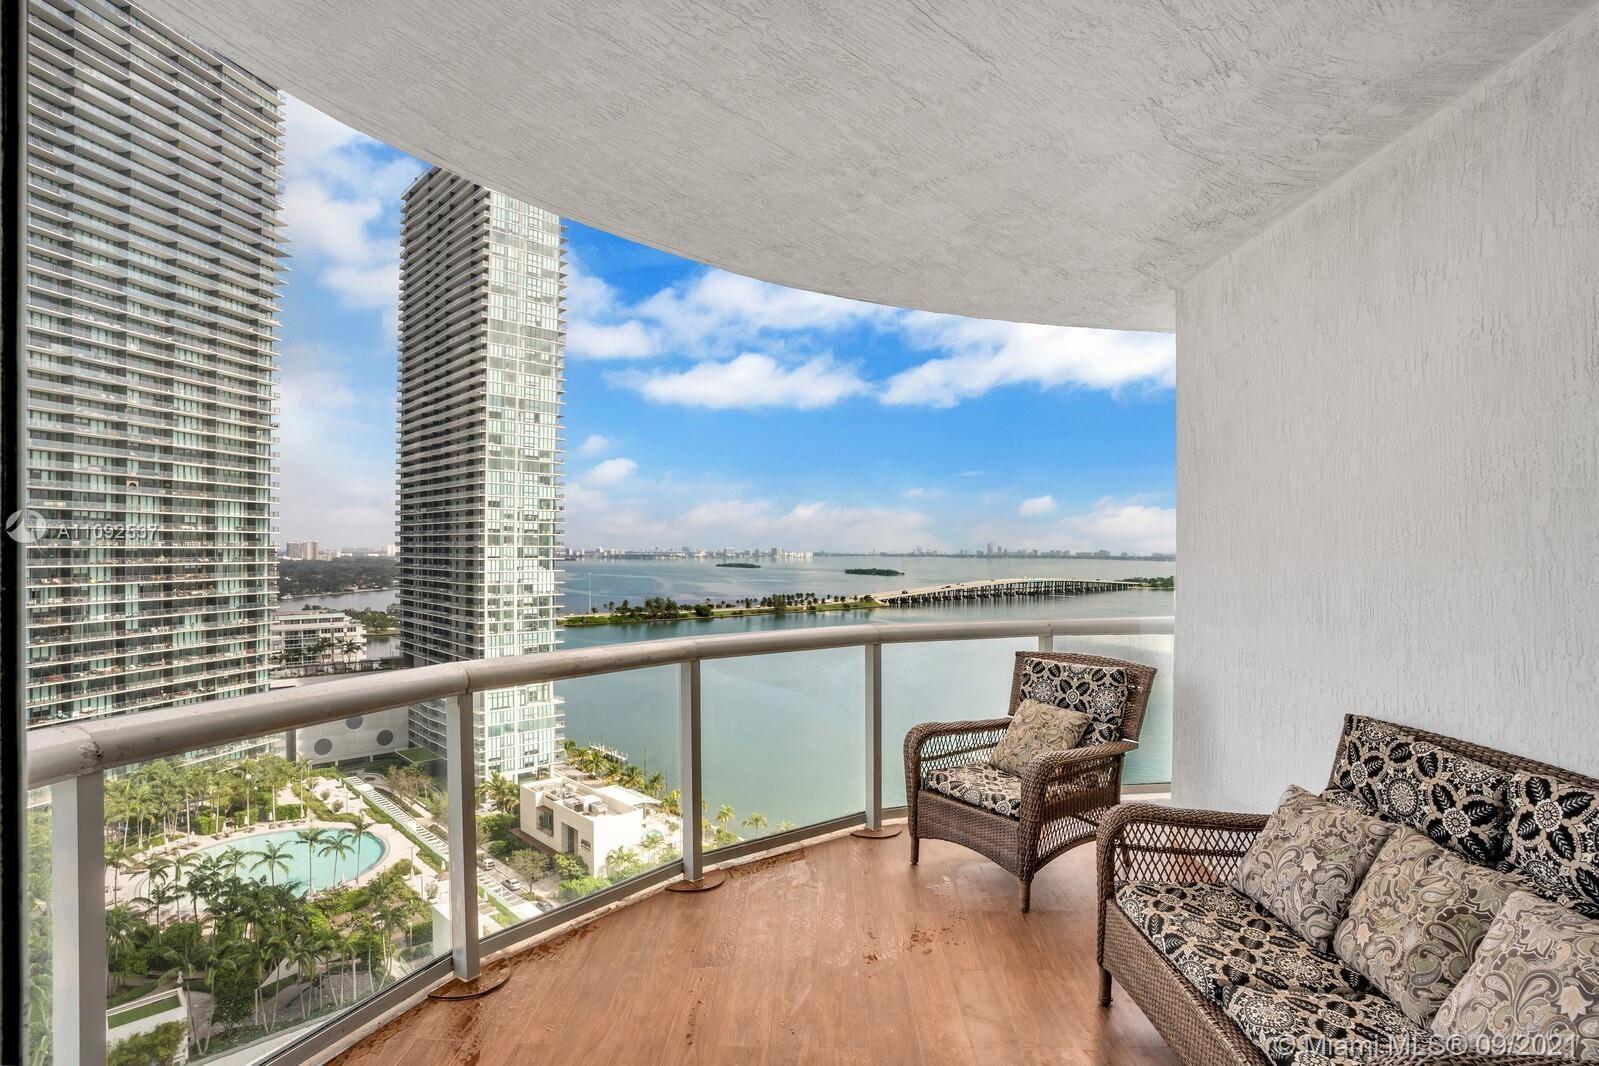 480 NE 30th St #2102, Miami, FL 33137 - #: A11092537